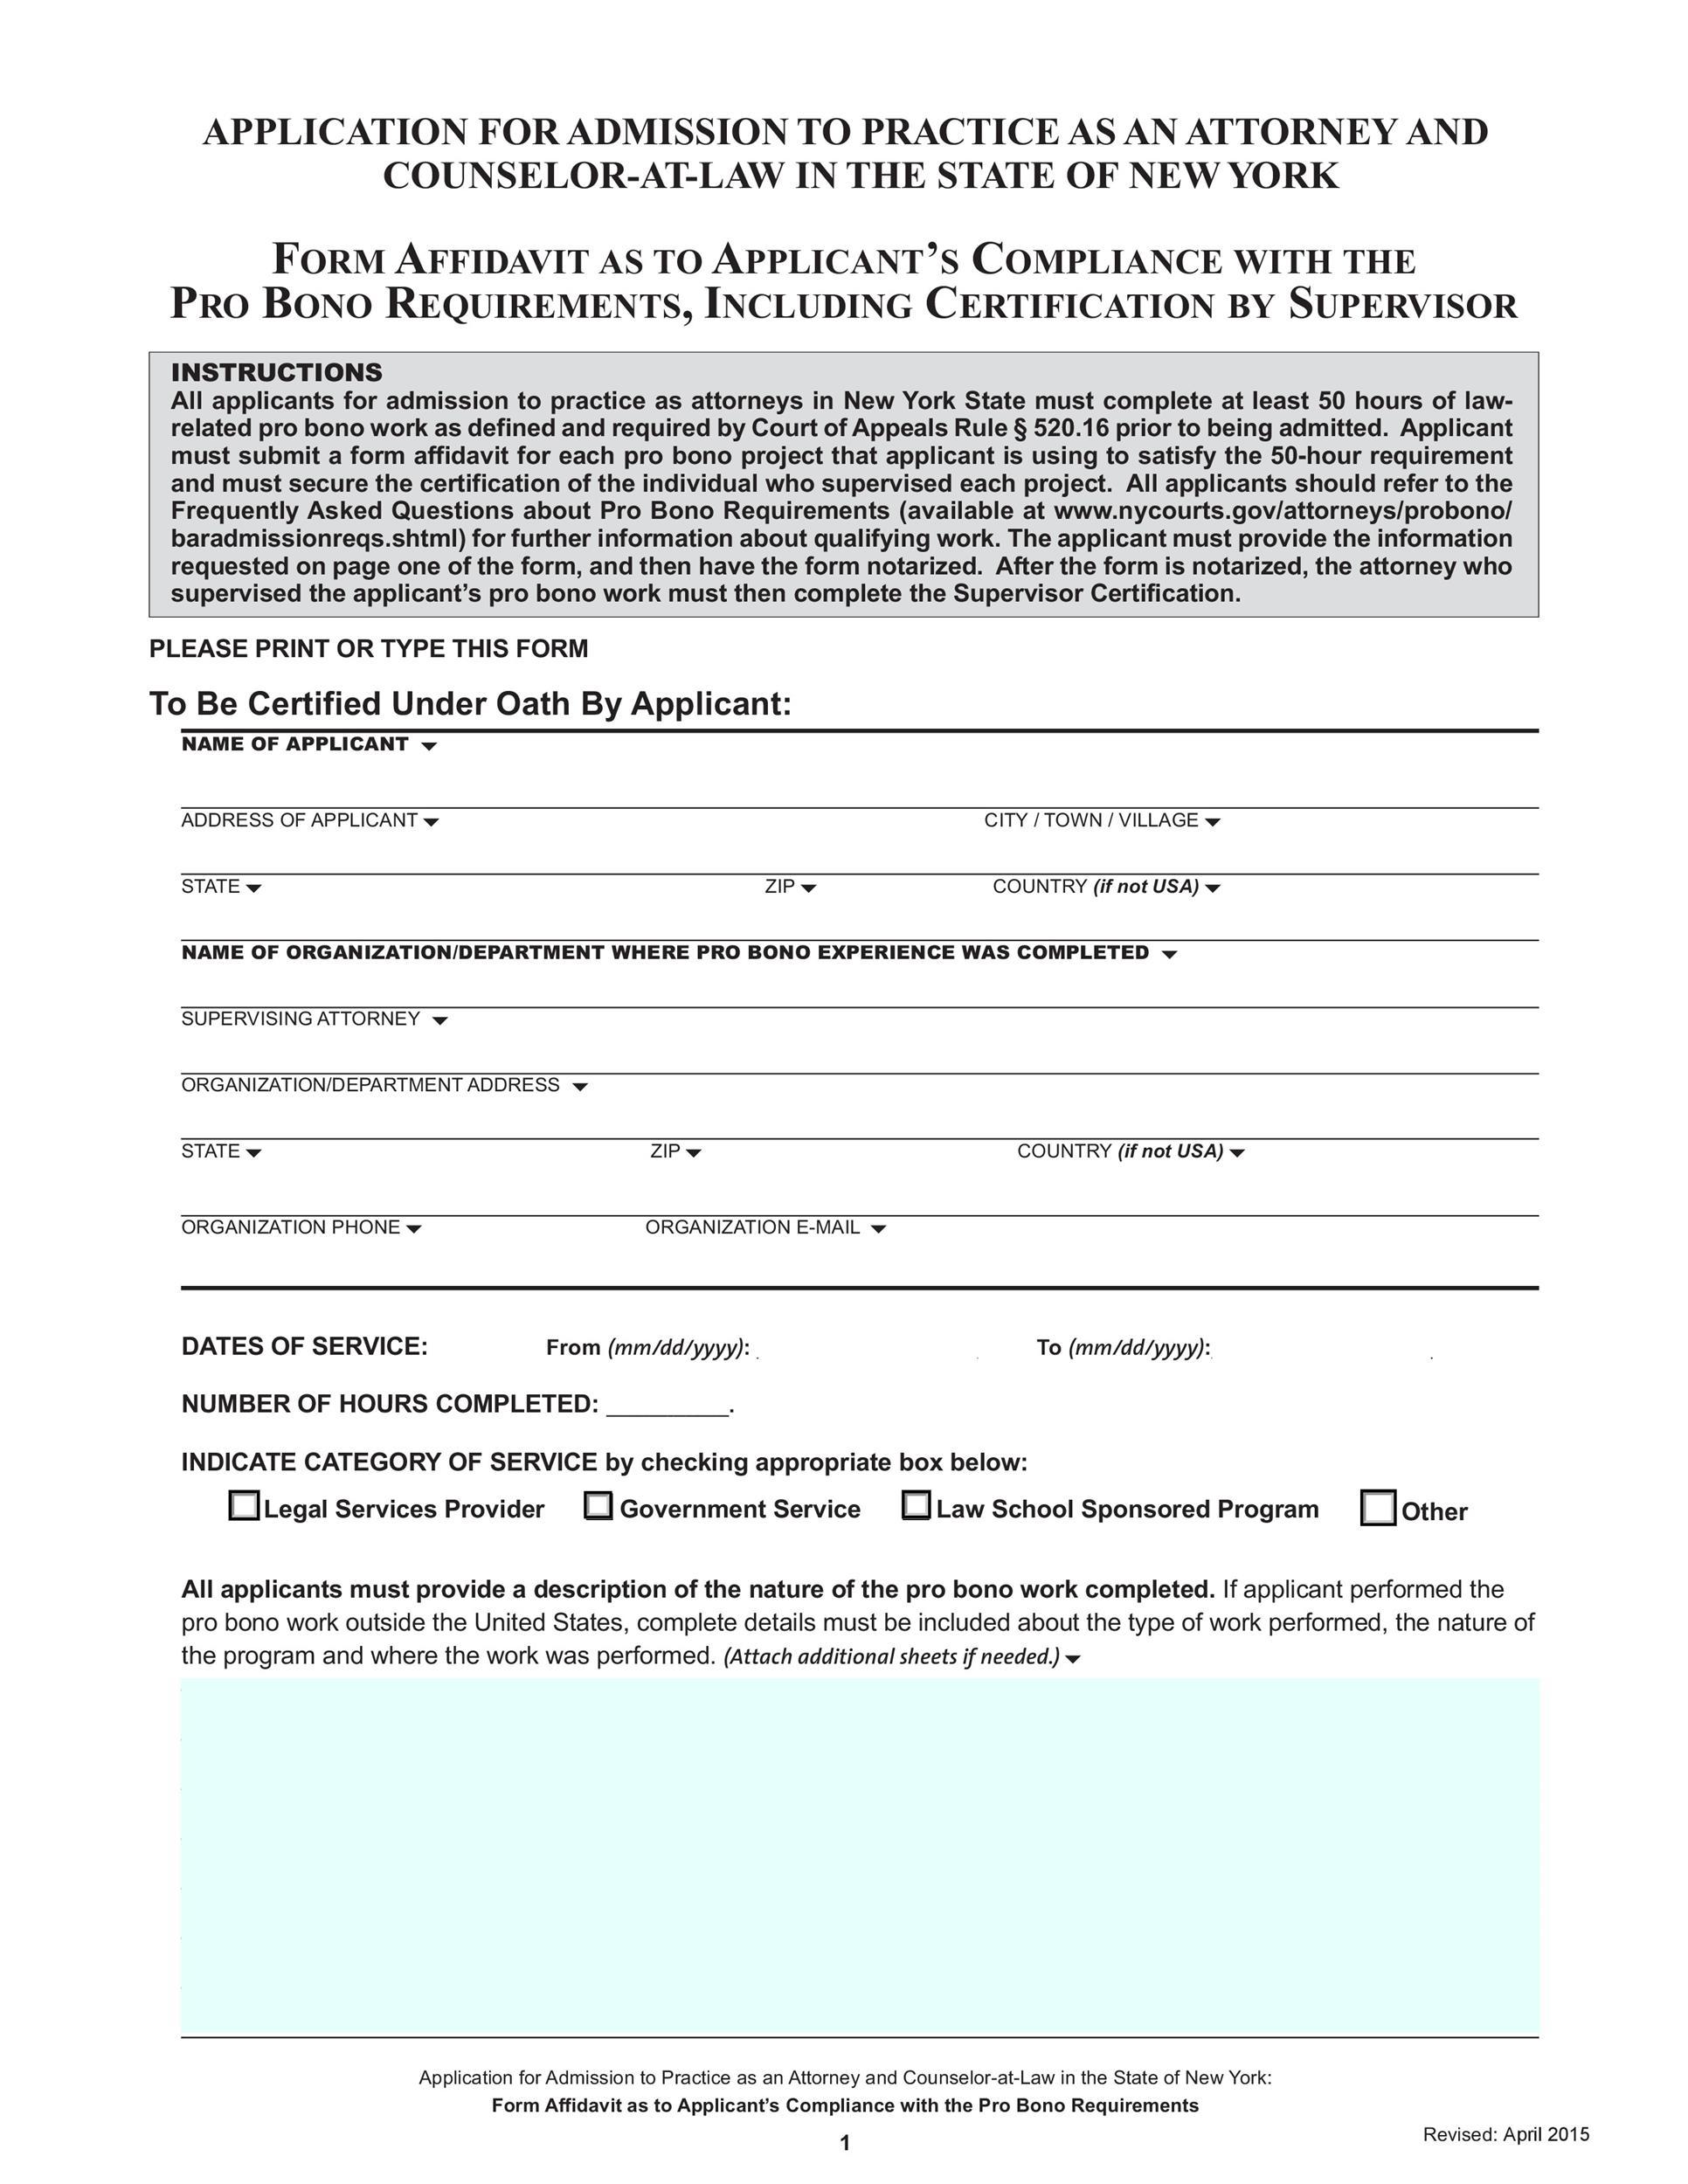 Doc564729 Blank Affidavit Form Free Blank Affidavit Form 72 – Affidavit Form Free